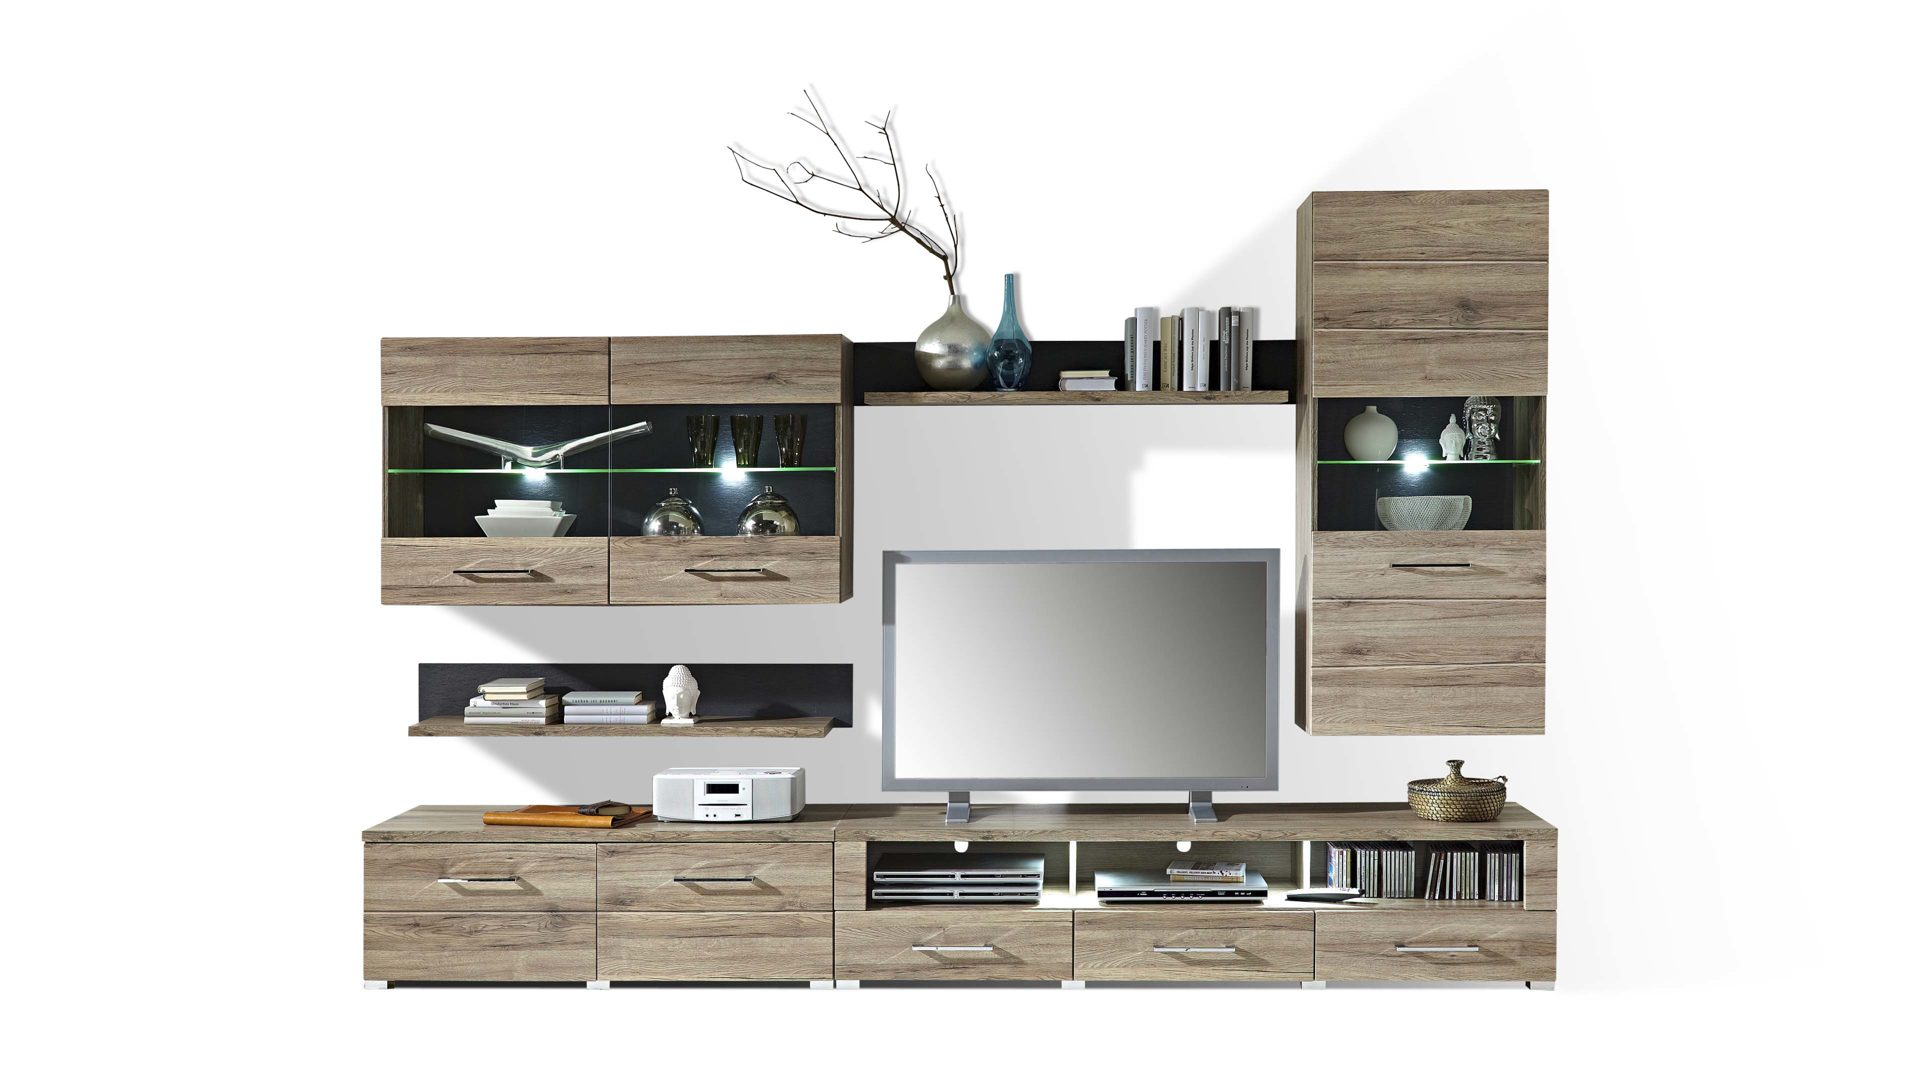 Moderne Wohnwand Mit Vitrinen Und TV Möbel, Sechsteilig, San Remo, Bad  Homburg Bei Frankfurt